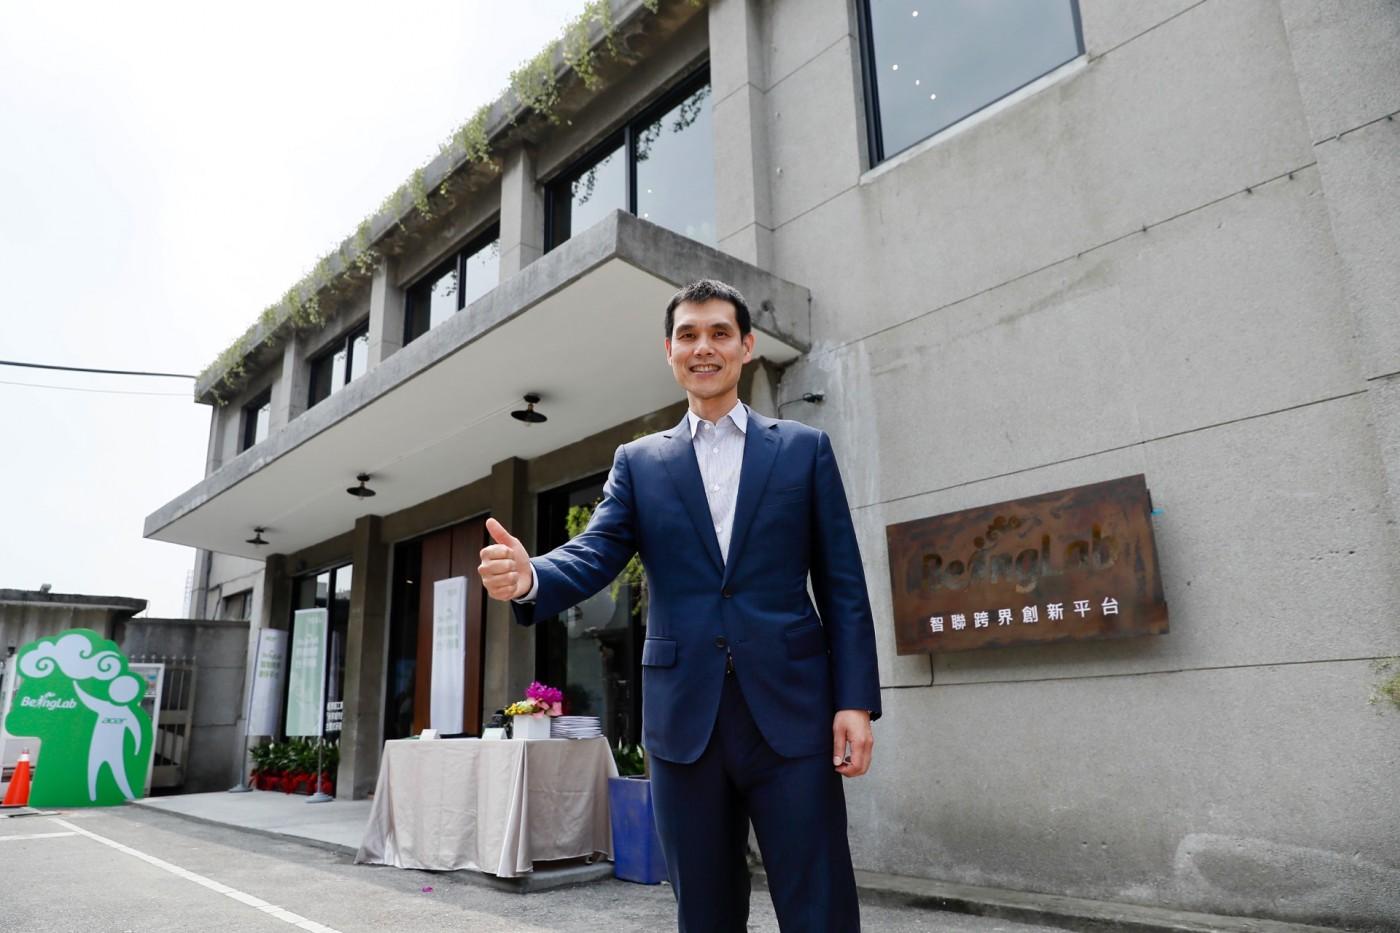 宏碁GrandPad獲跨國居家照護集團入股,施宣輝談創業兩心法